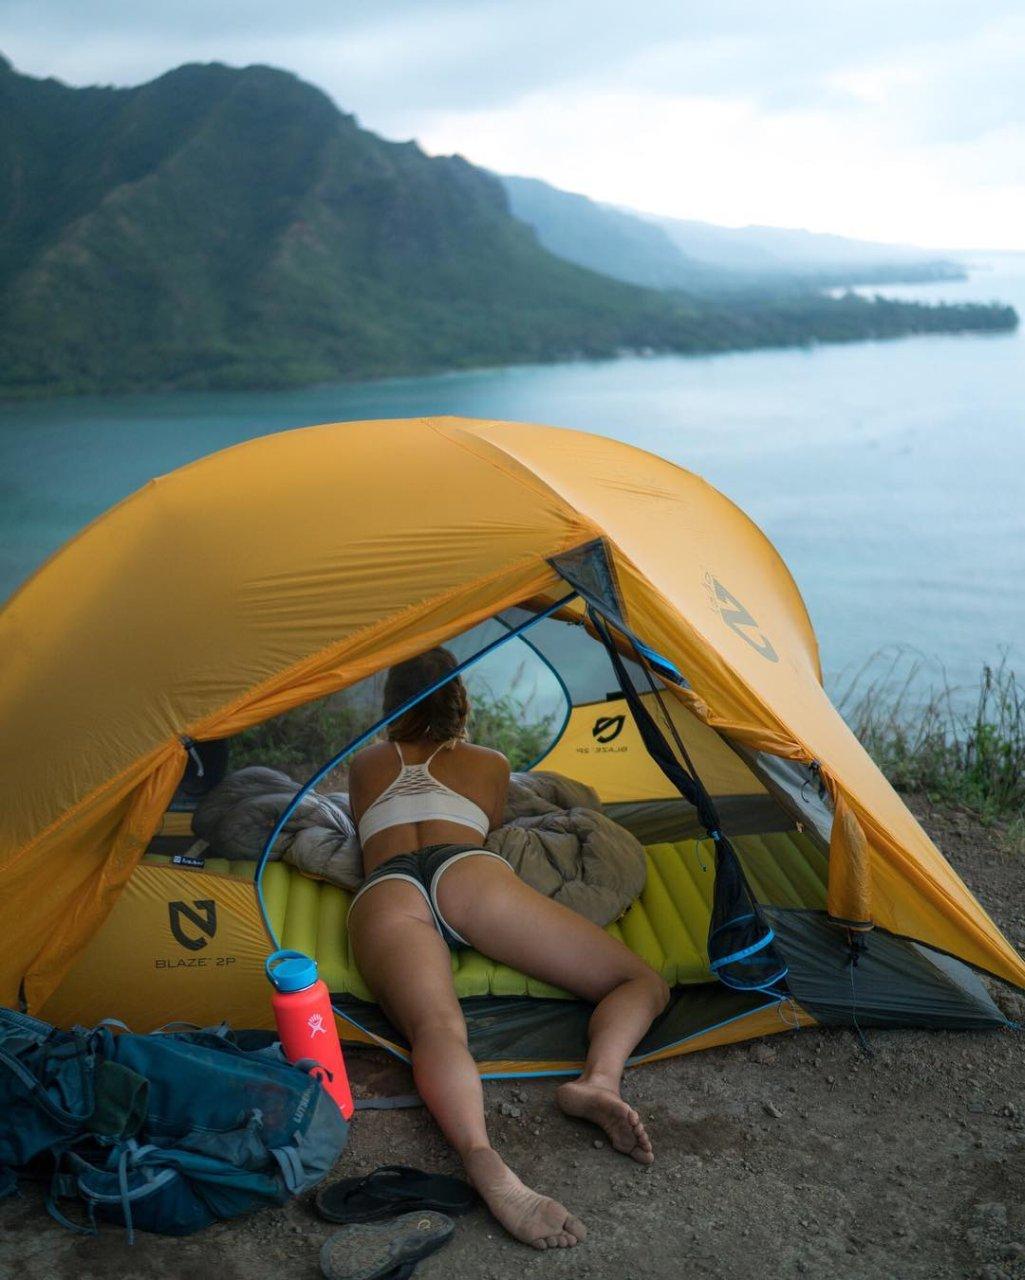 в палатке групповое ню фото такой